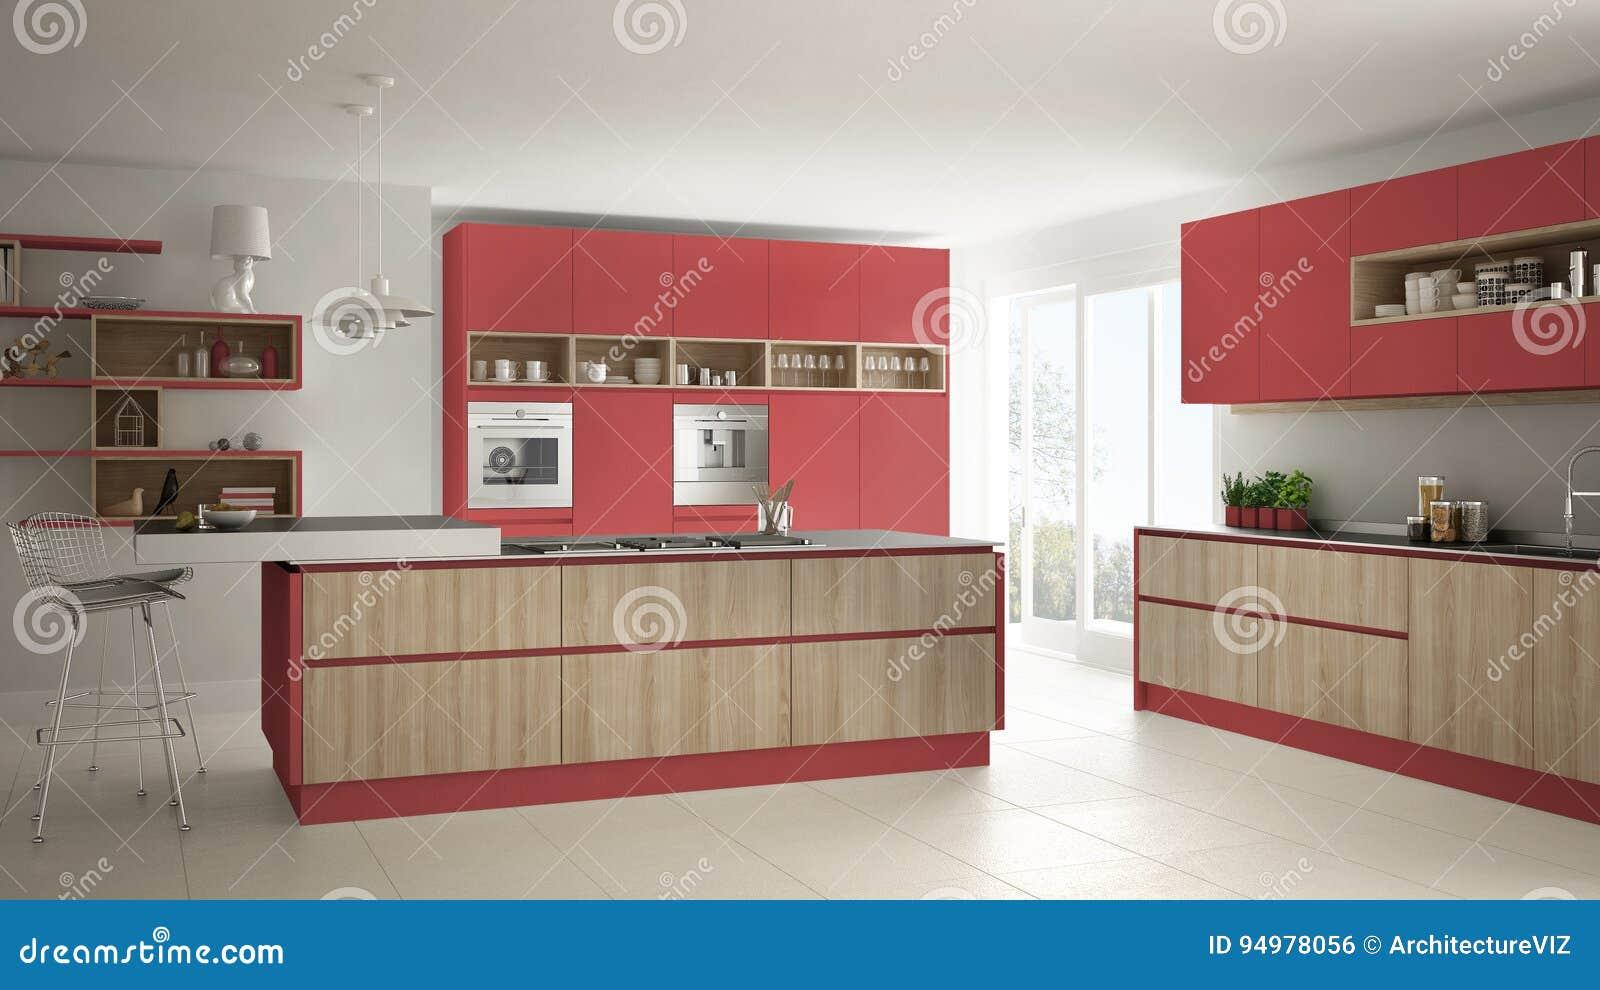 Cozinha branca moderna com detalhes de madeira e vermelhos, i minimalistic